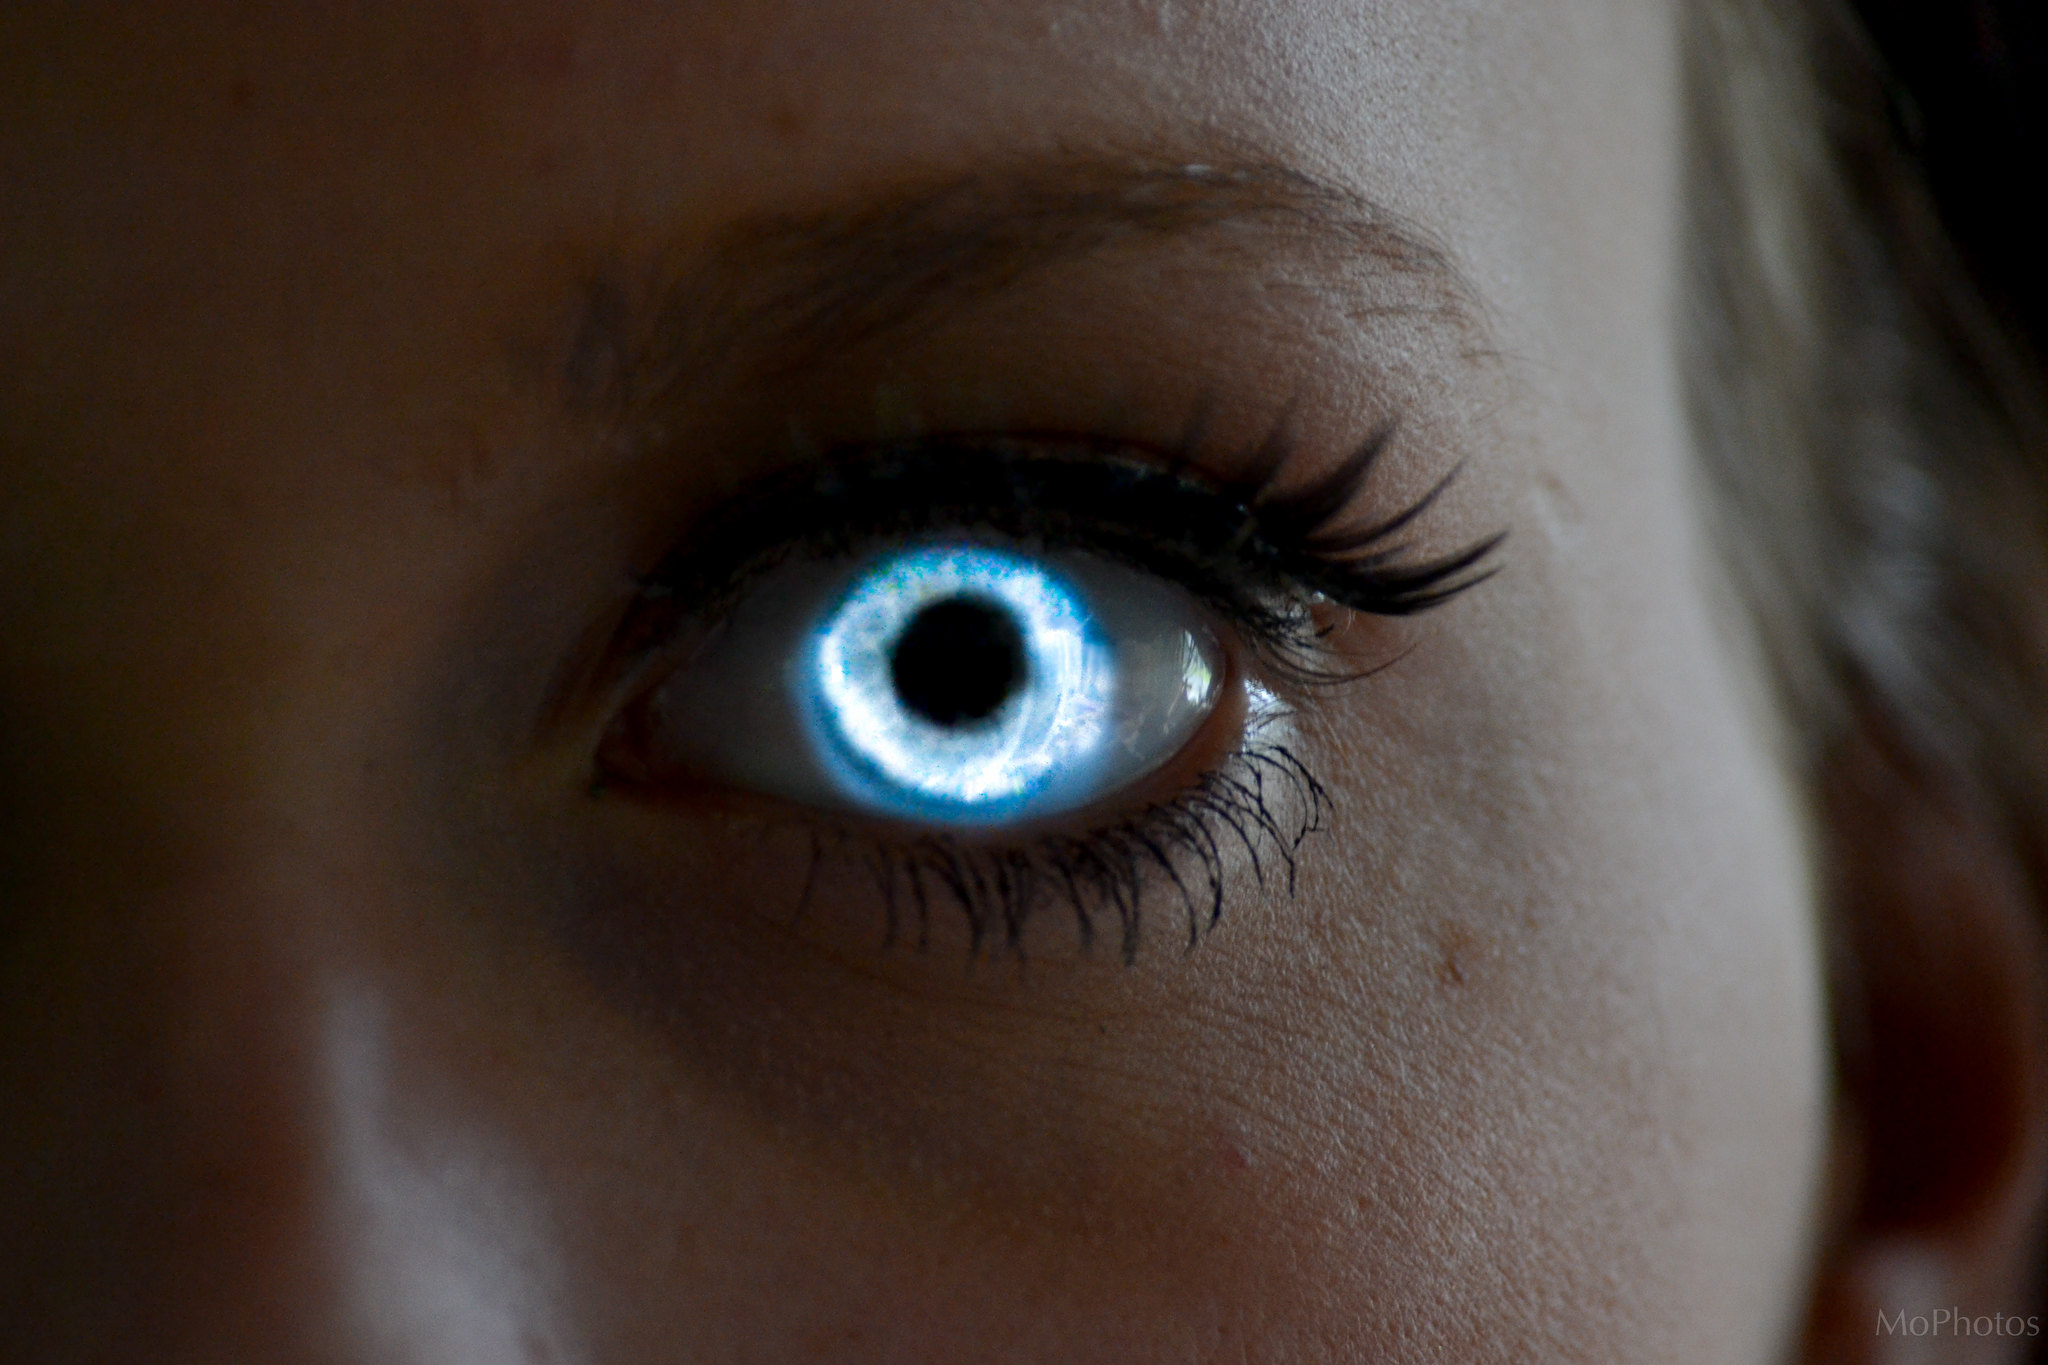 Sara Glowing Eye Aesthetic Eyes Cool Eyes Magic Eyes